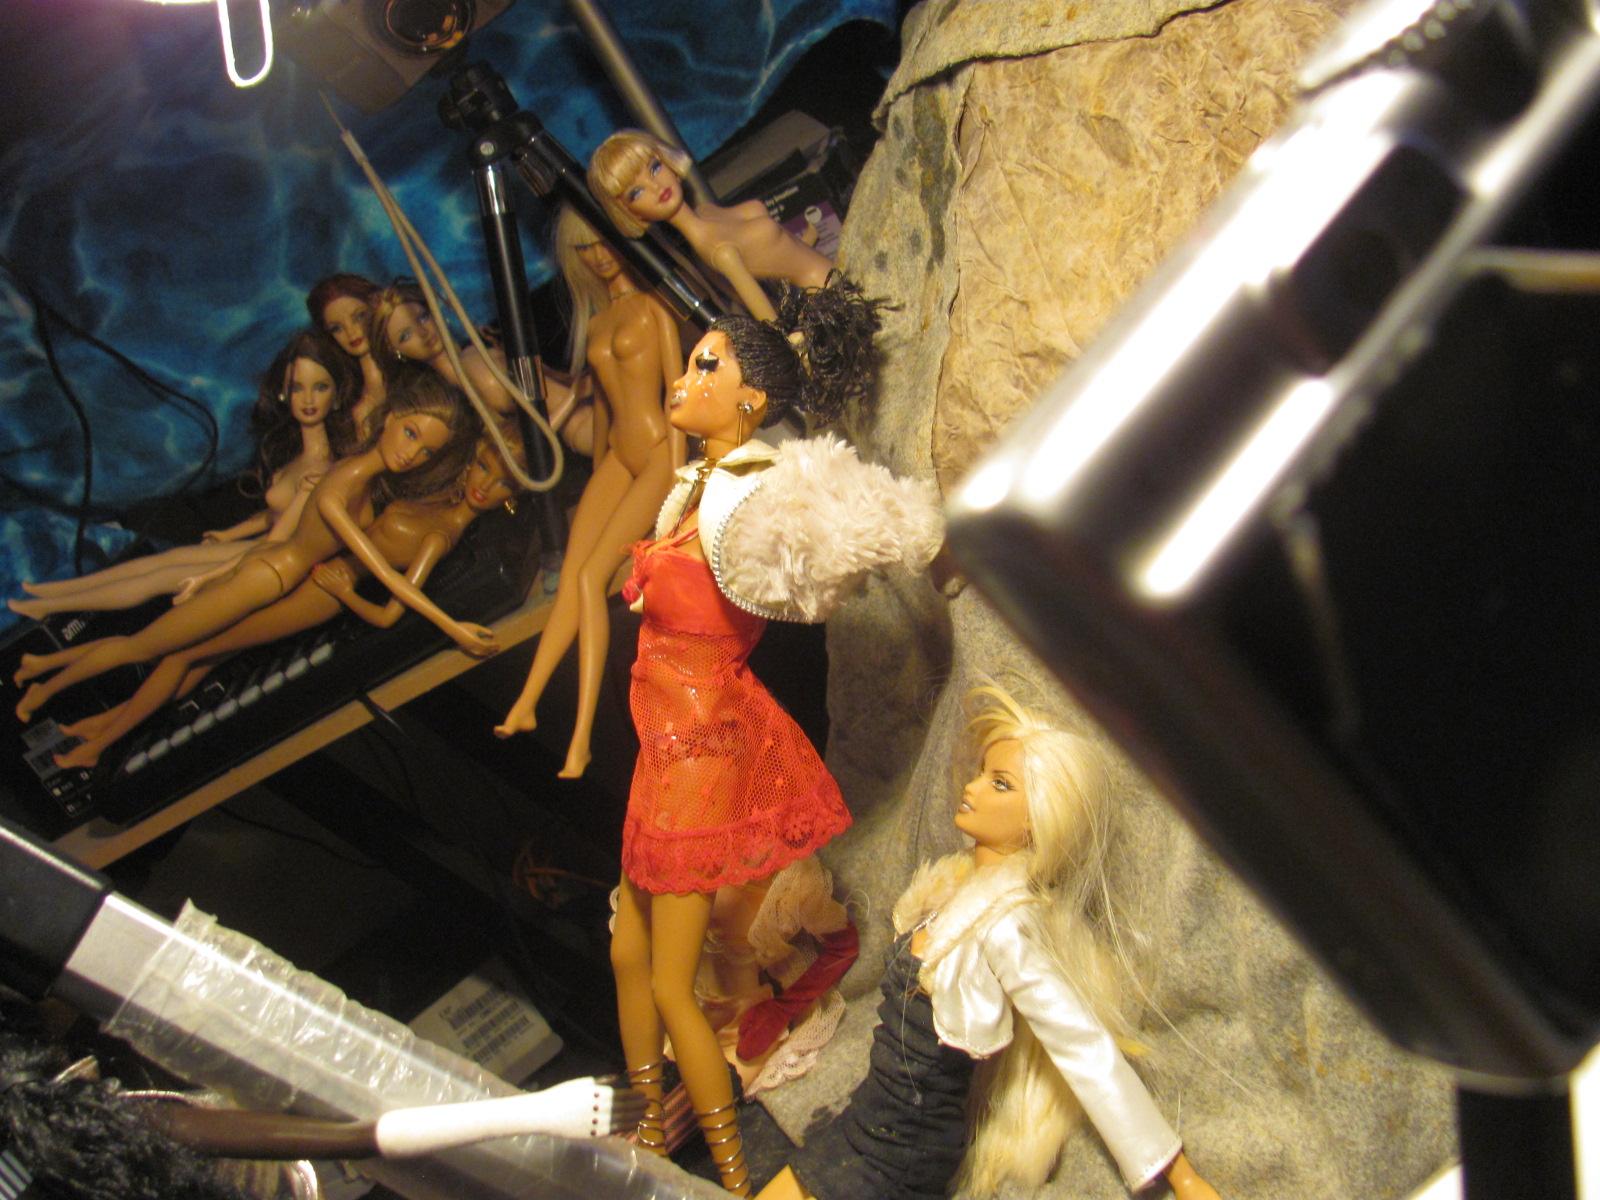 Фото bella moretti, Bella Moretti » Фапабельные голые девушки 23 фотография